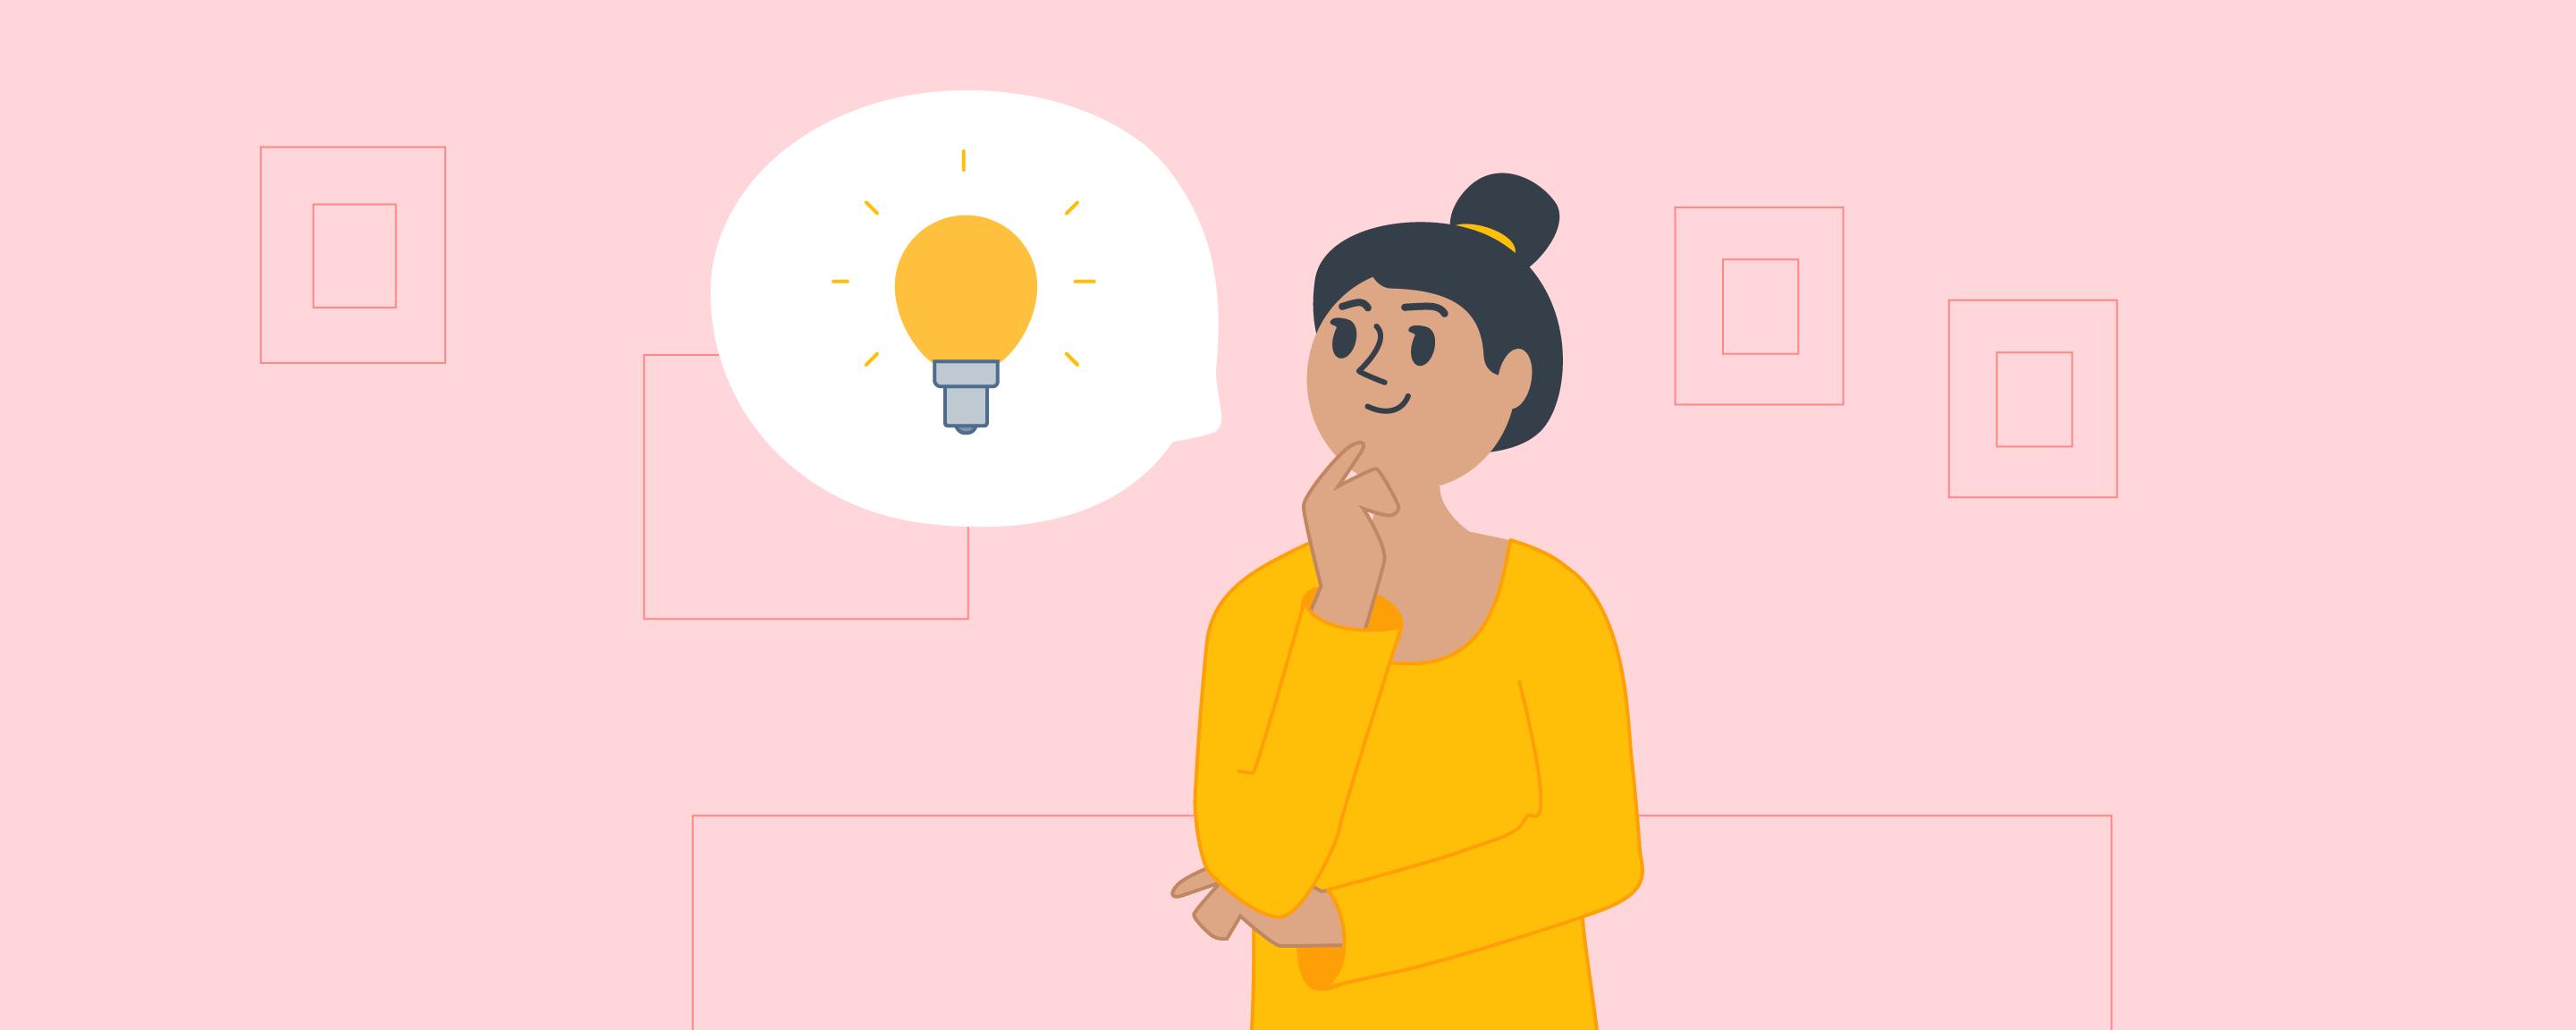 Оценка бизнес идеи: способы проверить работоспособность